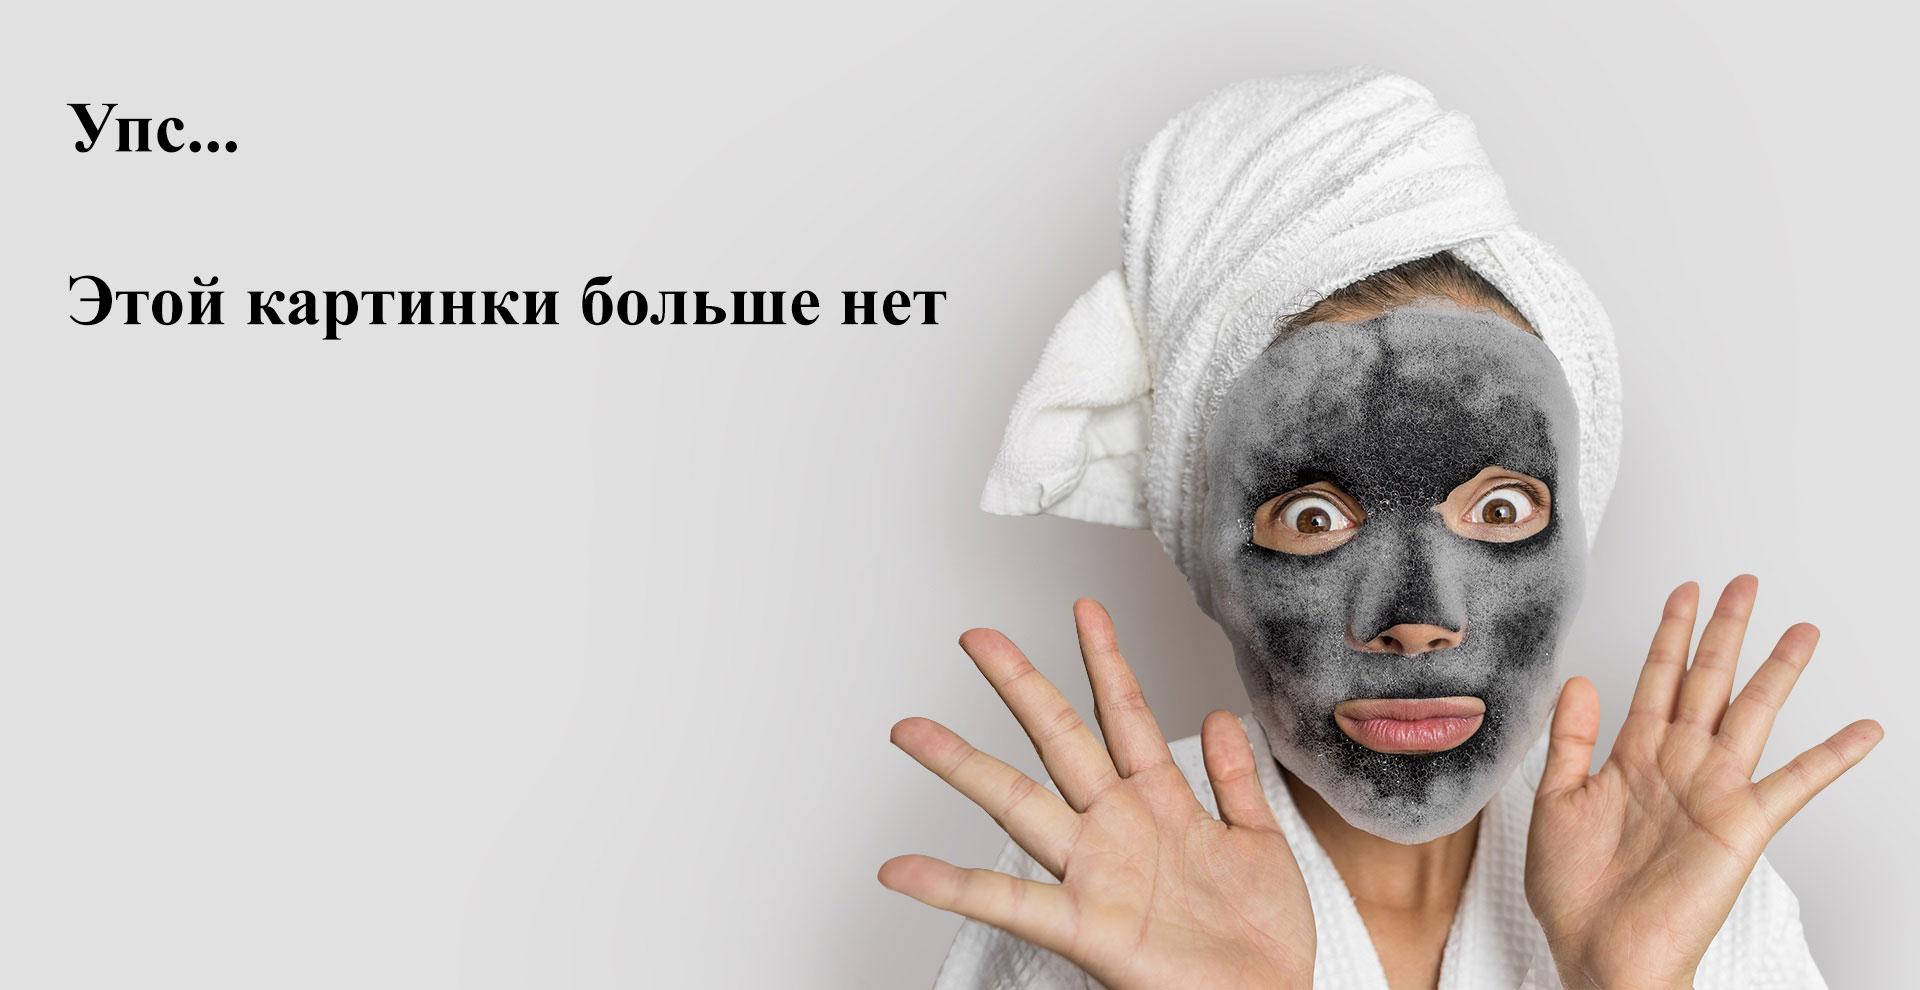 OPI, Гель-лак Black Onyx